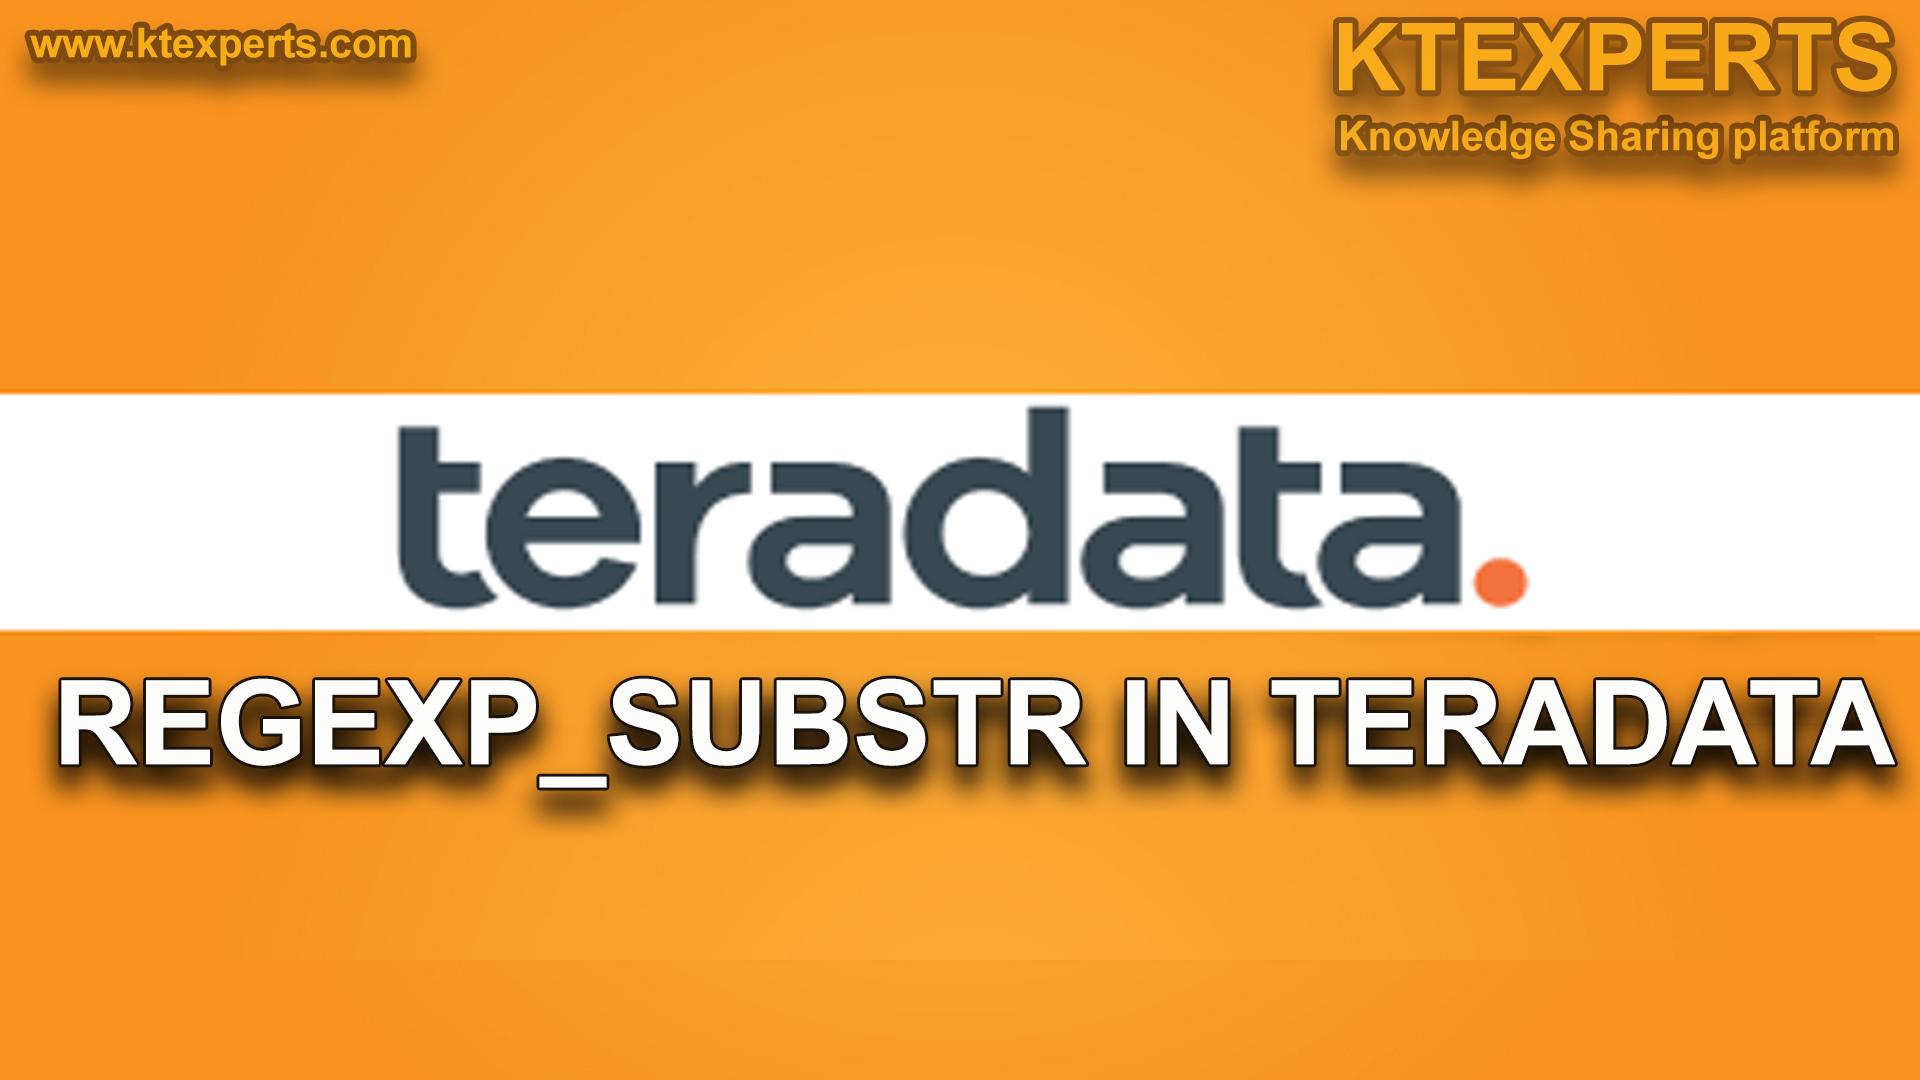 REGEXP_SUBSTR IN TERADATA